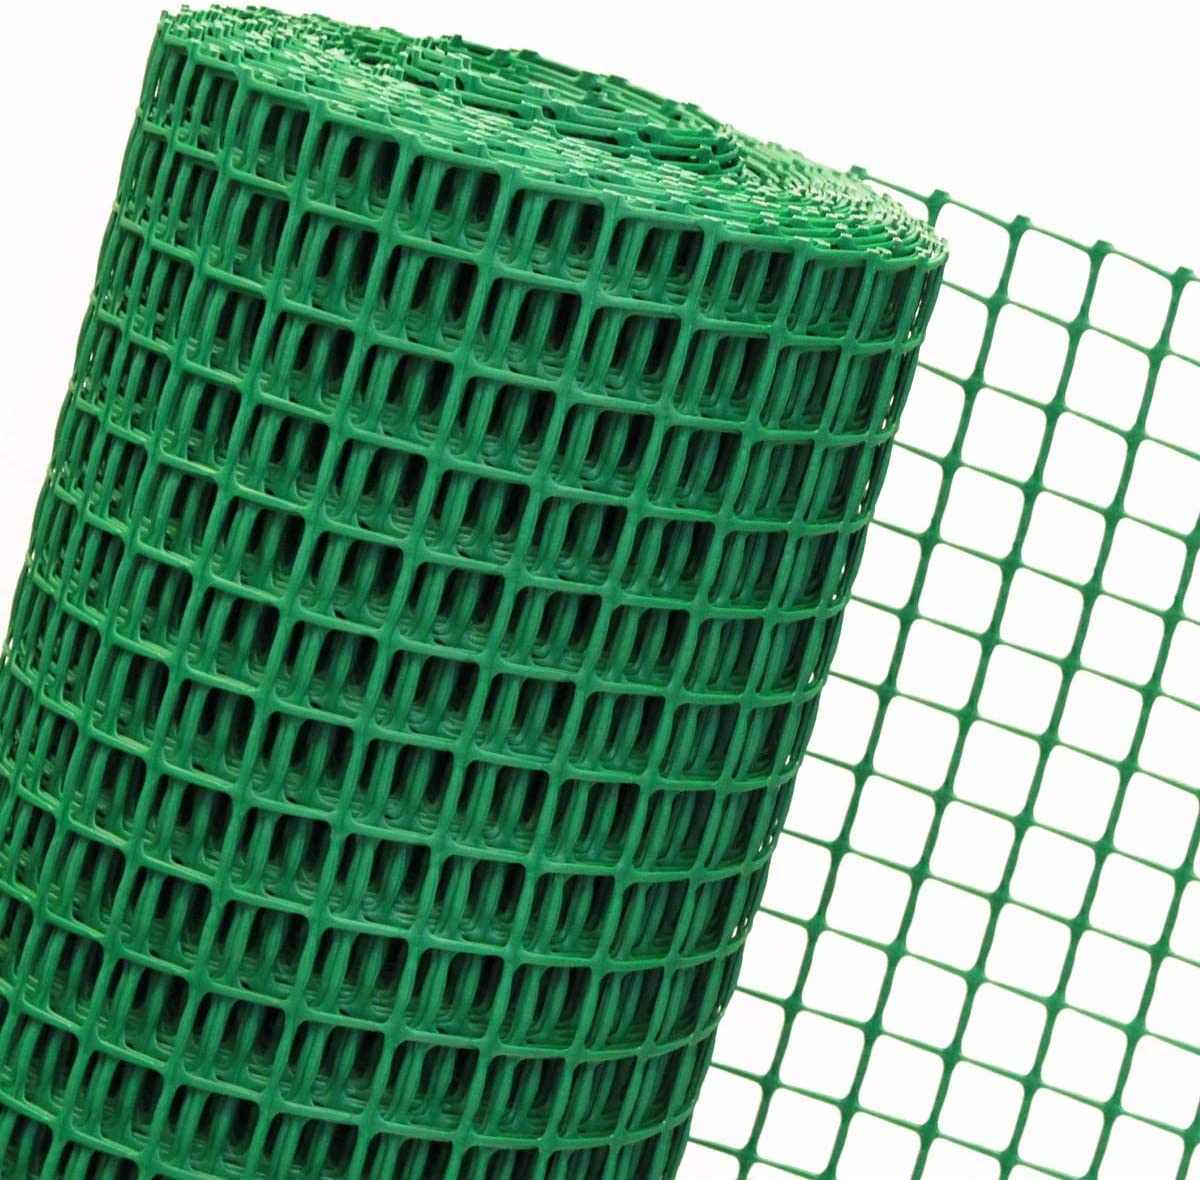 1,2/m/² Malla en 1,2/m Br x 1 m valle de pl/ástico para jard/ín malla de 30/mm verde por metros B3//120.